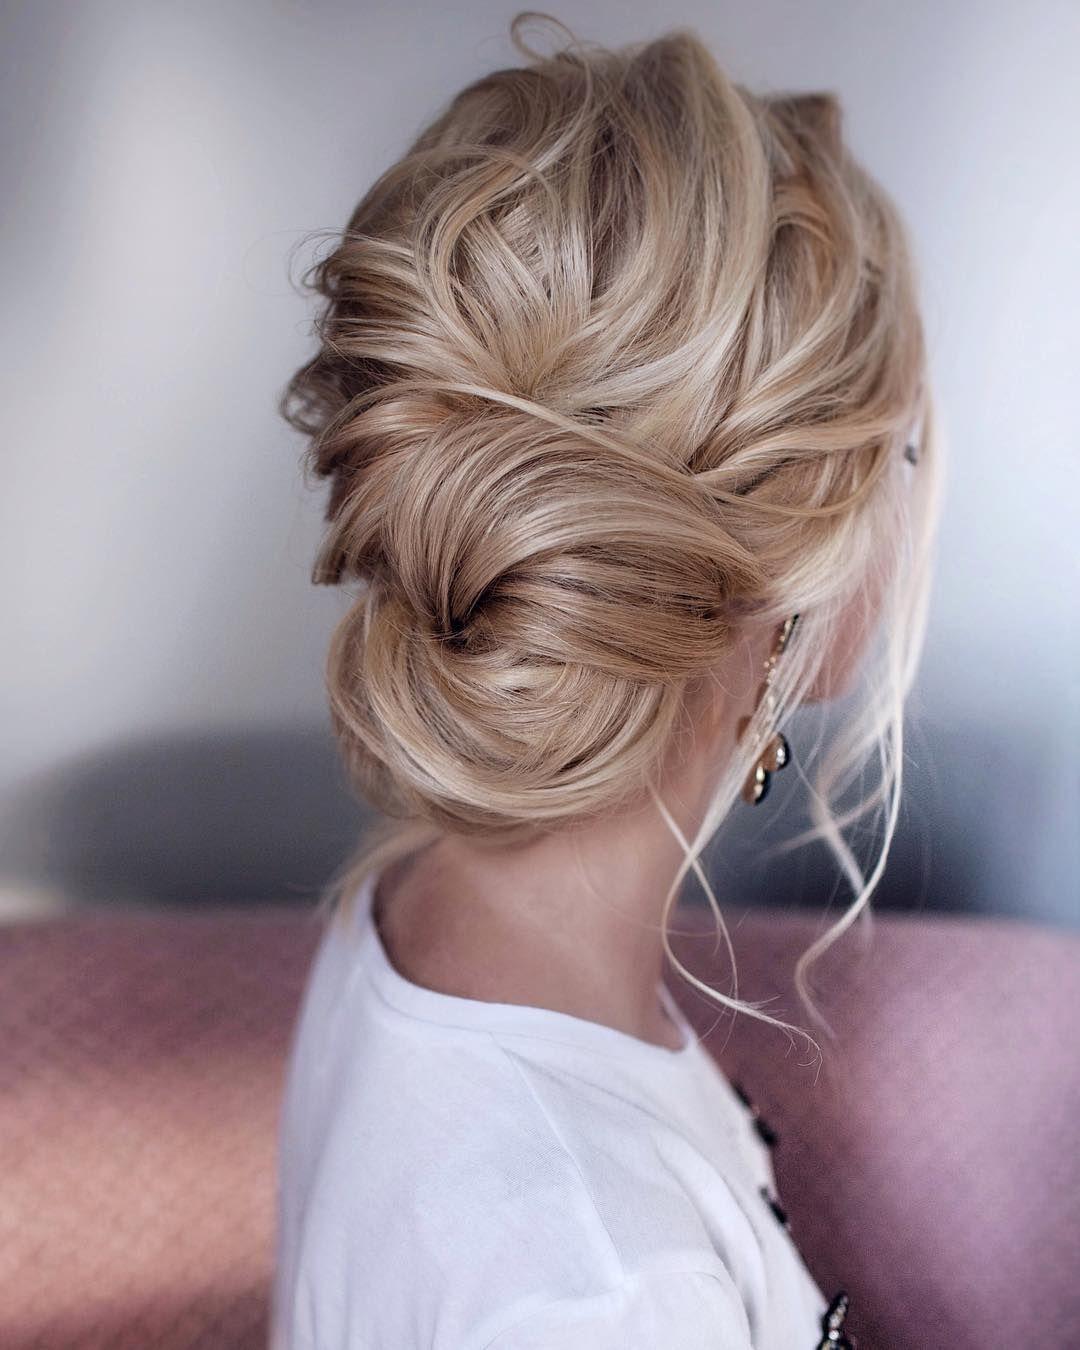 Wedding Hair Color Ideas: Pin On Hair Color/style Ideas